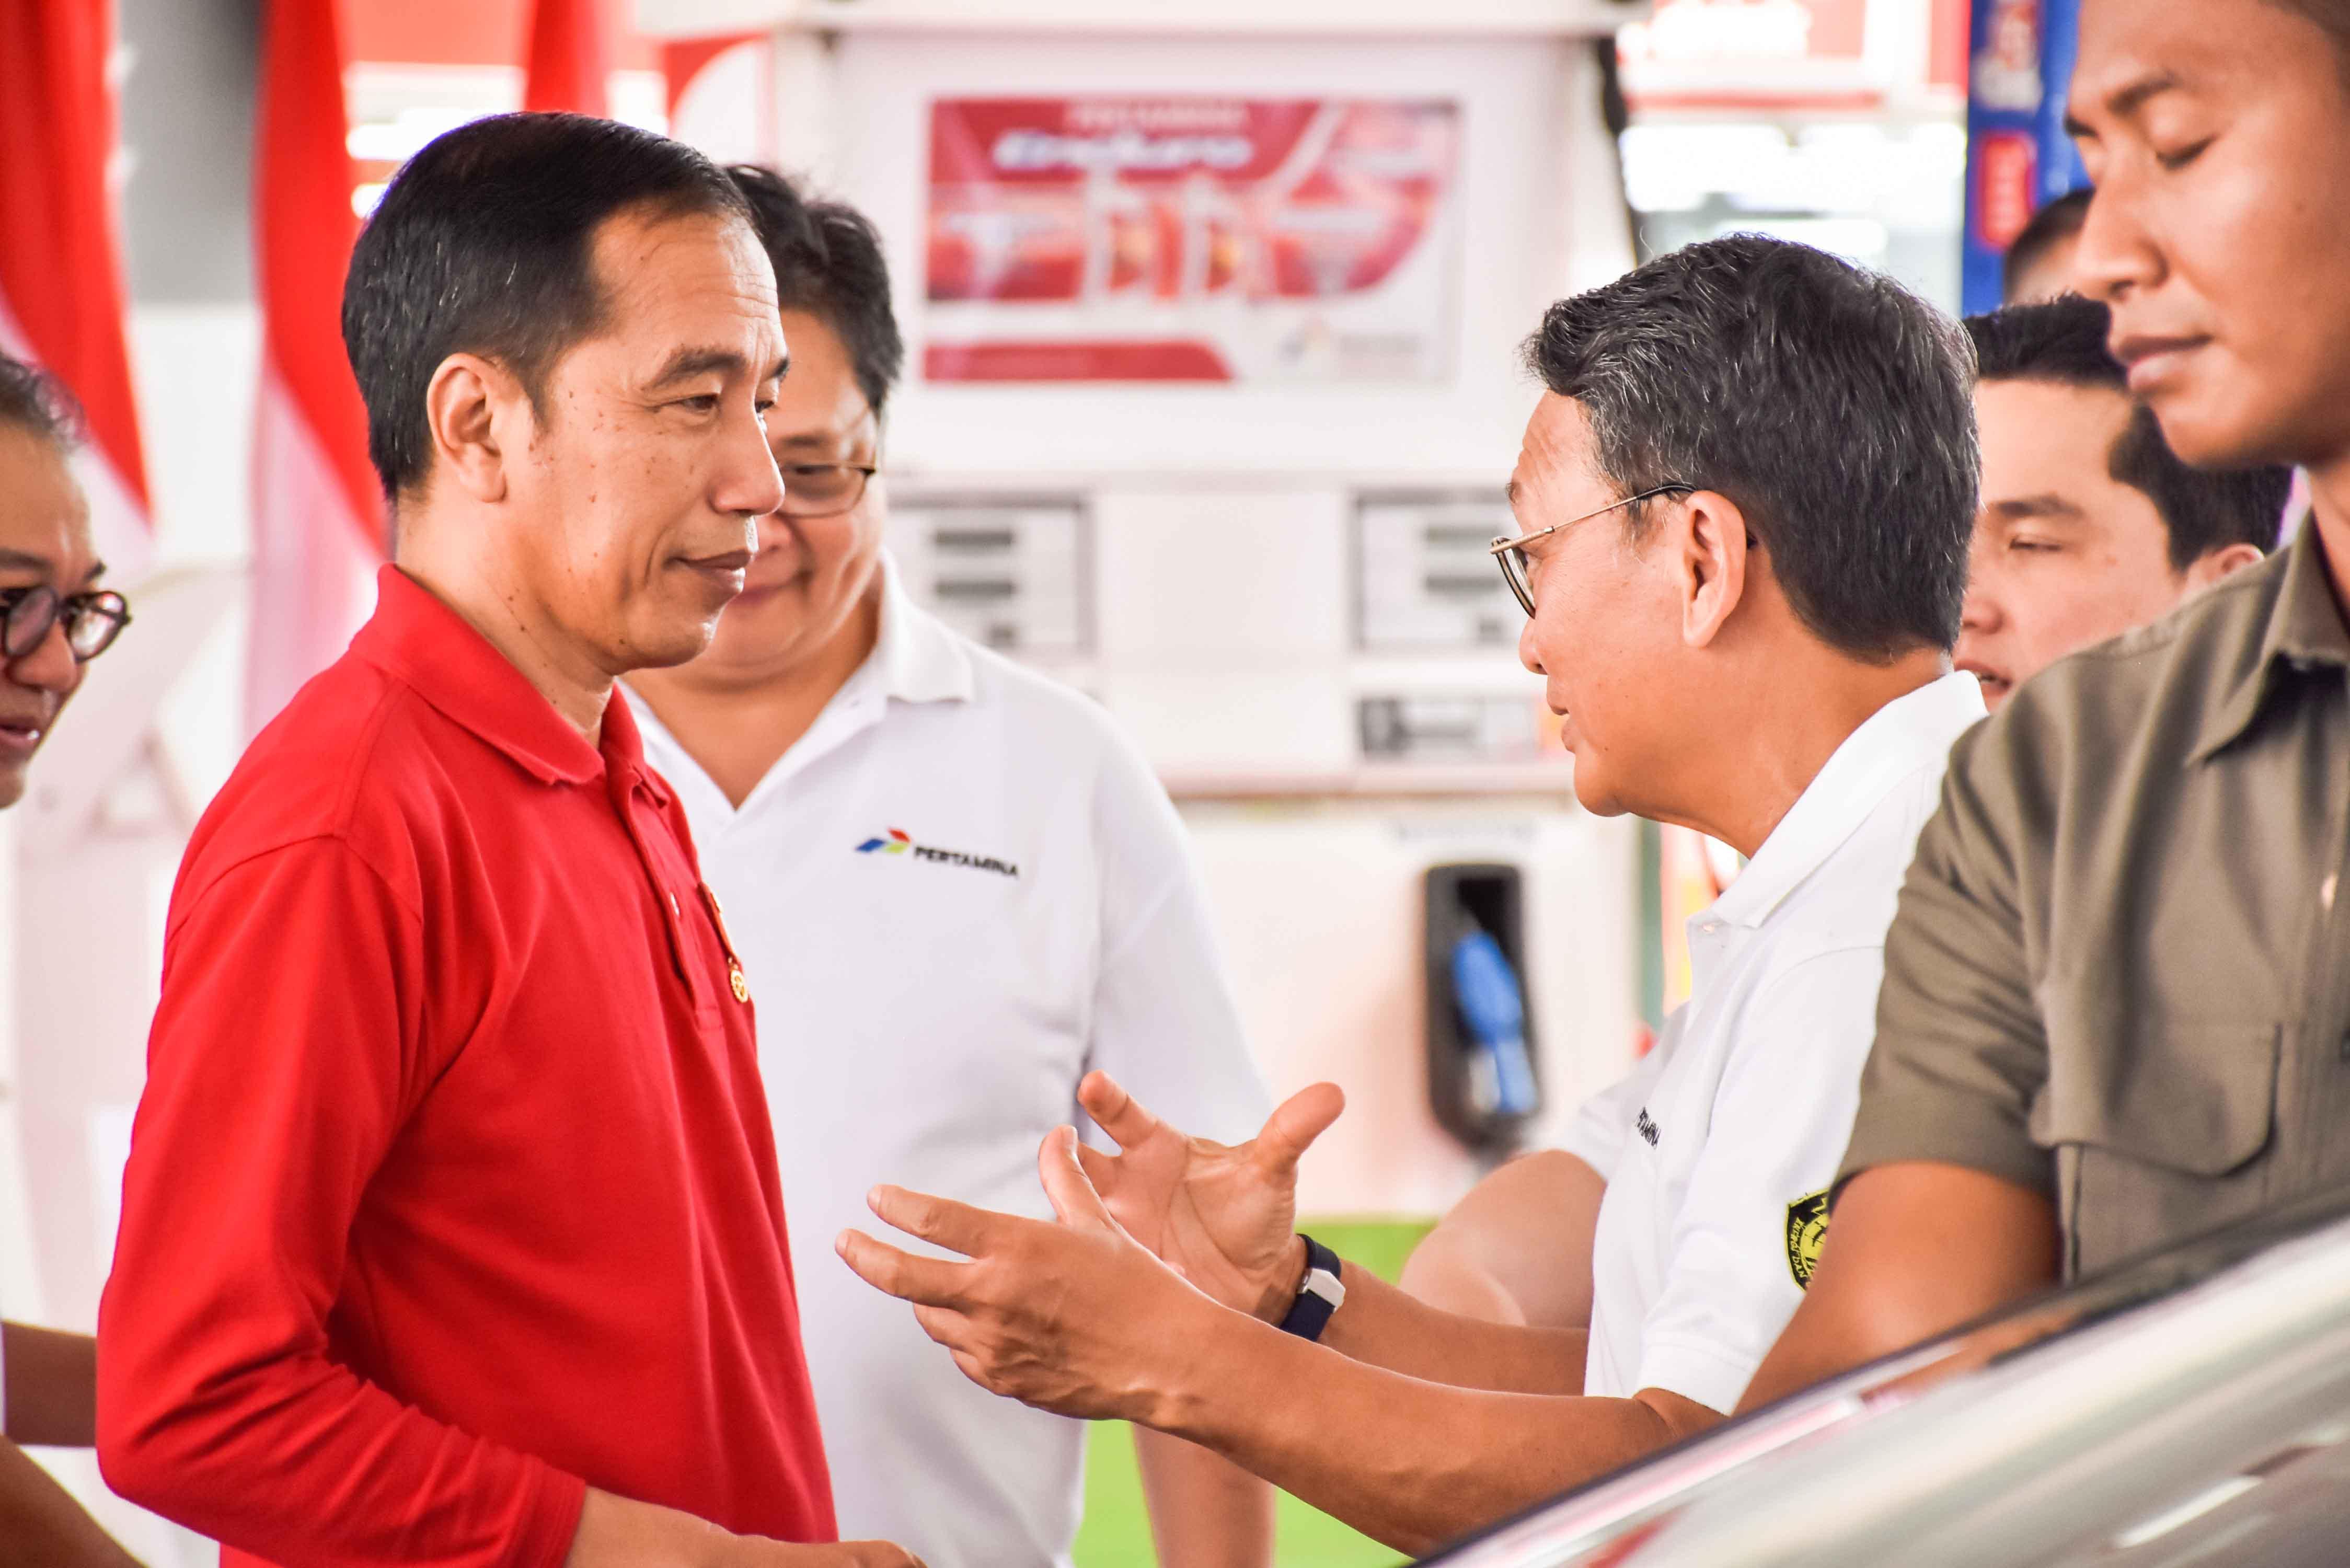 Presiden Indonesia Joko Widodo dan Menteri Energi dan Sumber Daya Mineral Arifin Tasrif pada peresmian implementasi program biodiesel 30 persen (B30) di SPBU Pertamina Jalan MT Haryono Jakarta Selatan